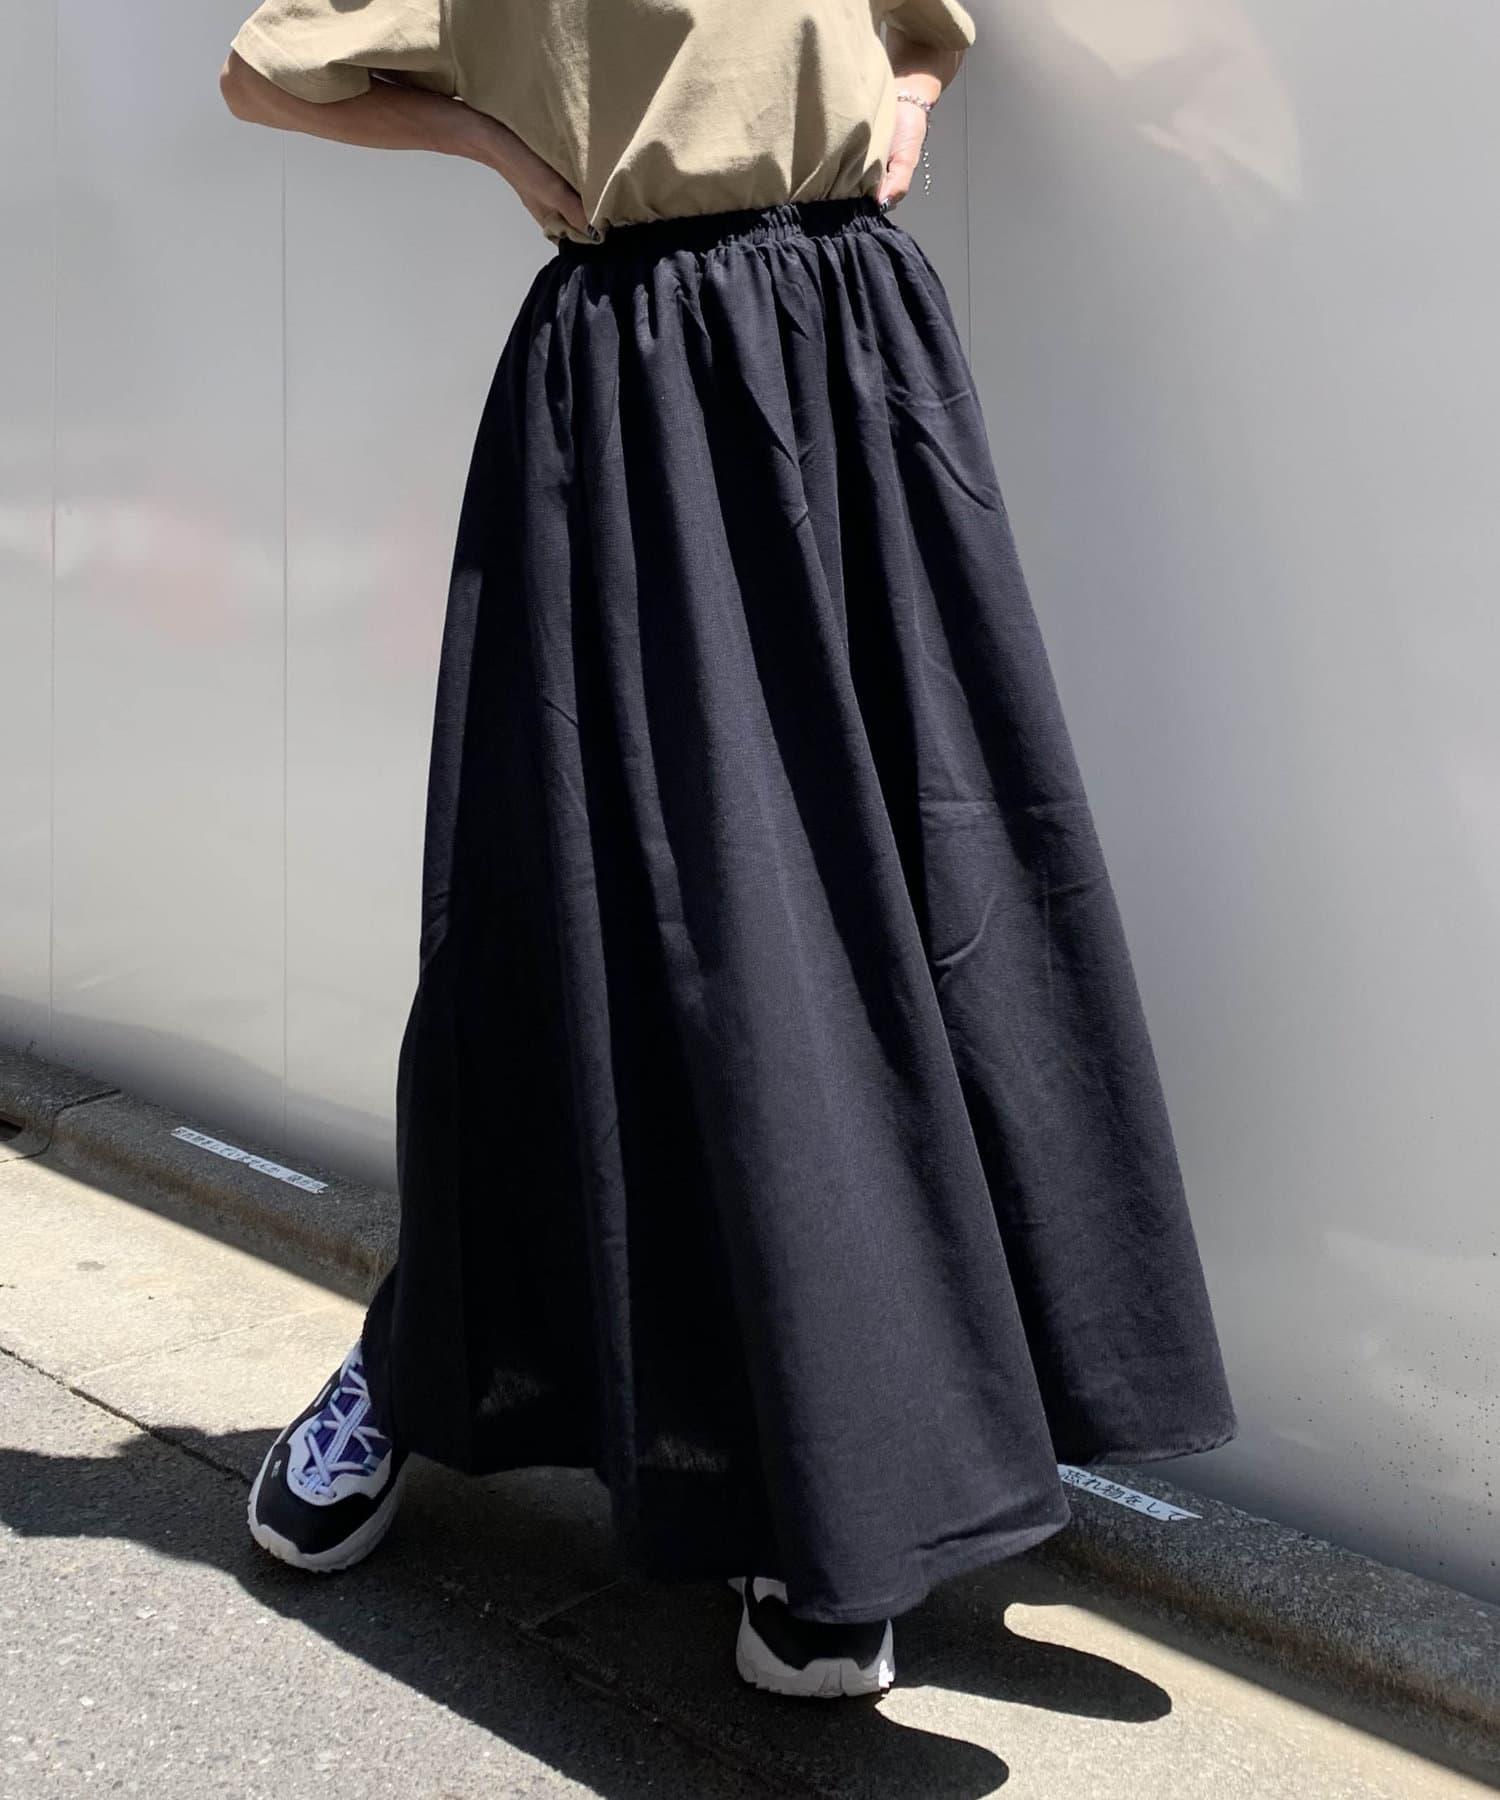 RASVOA(ラスボア) リネンギャザーロングスカート